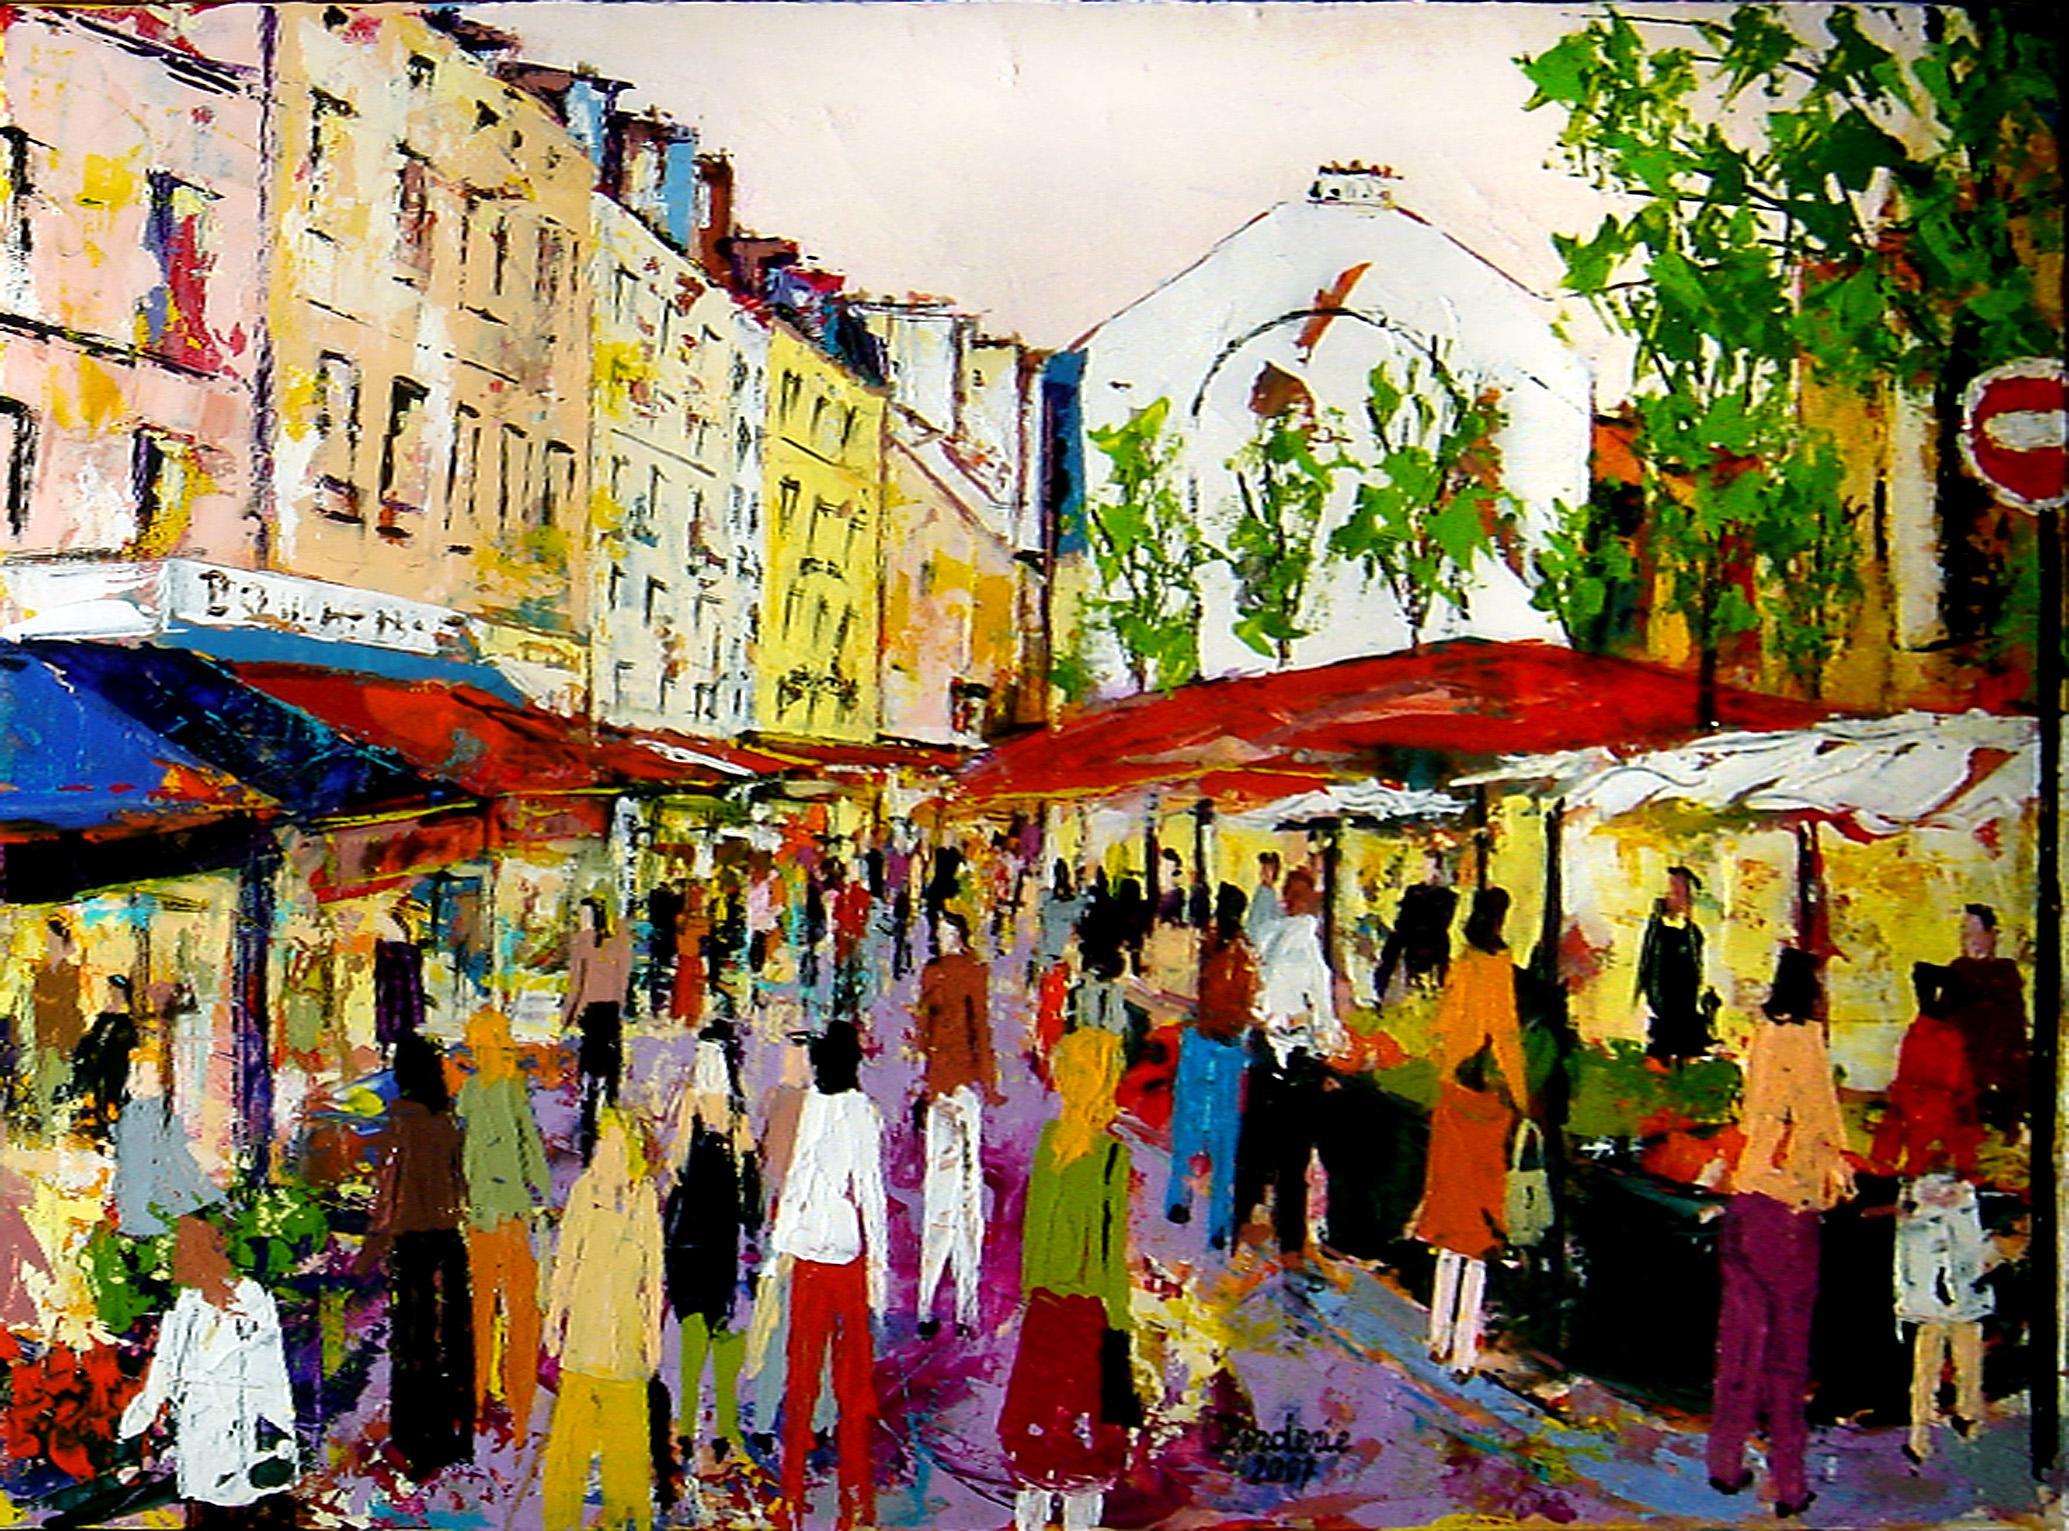 Le marché de la rue Mouffetard.